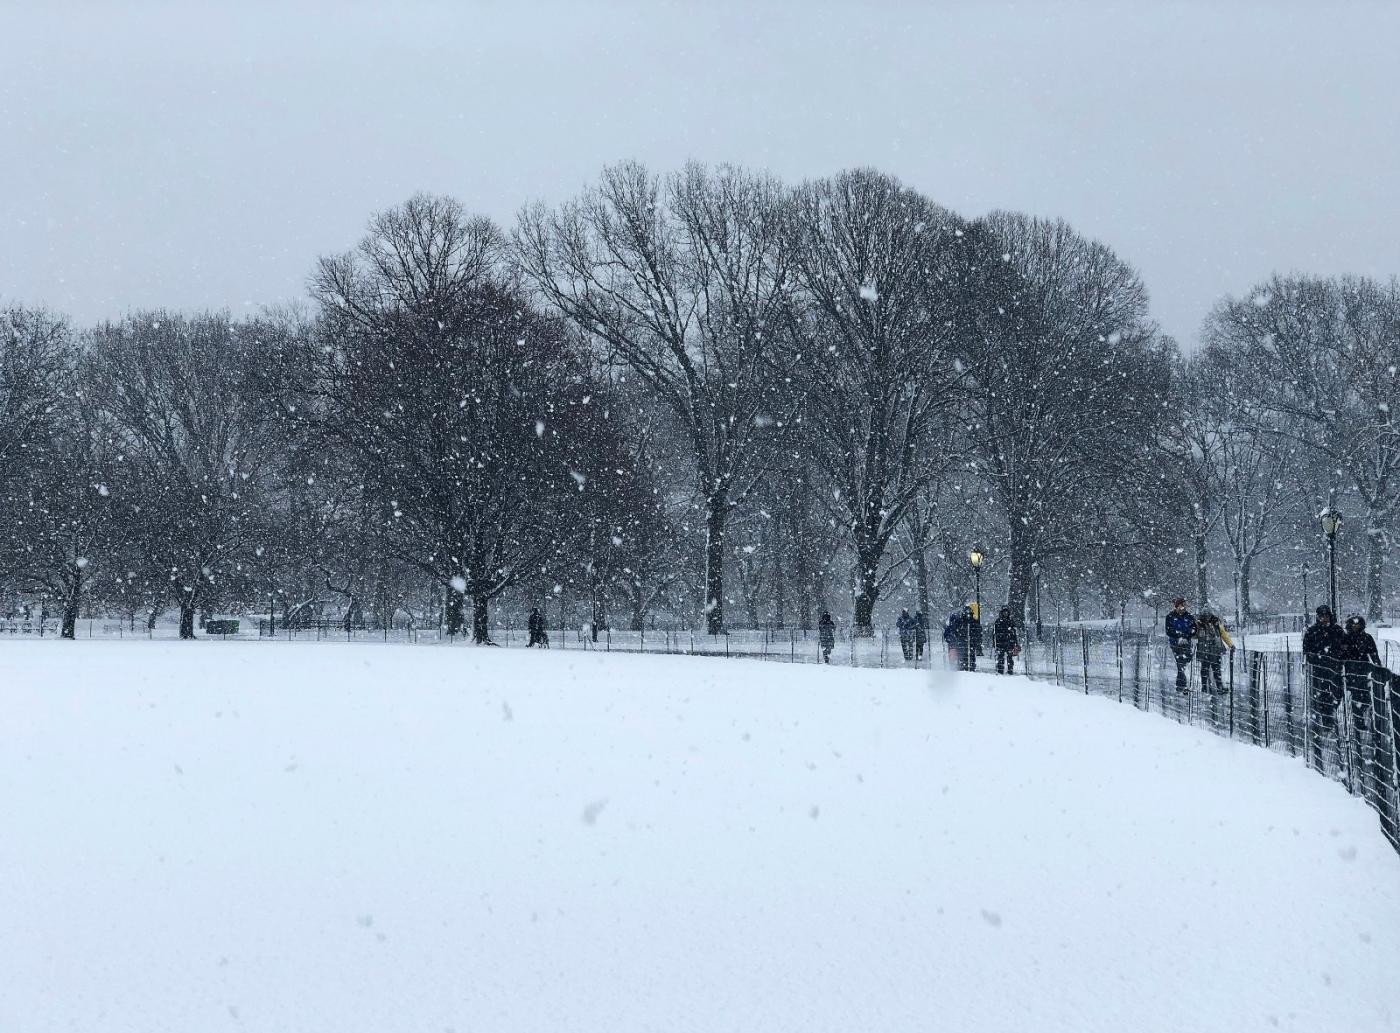 【田螺手机摄影】在纽约市拍雪景、还是中央公园最漂亮_图1-8